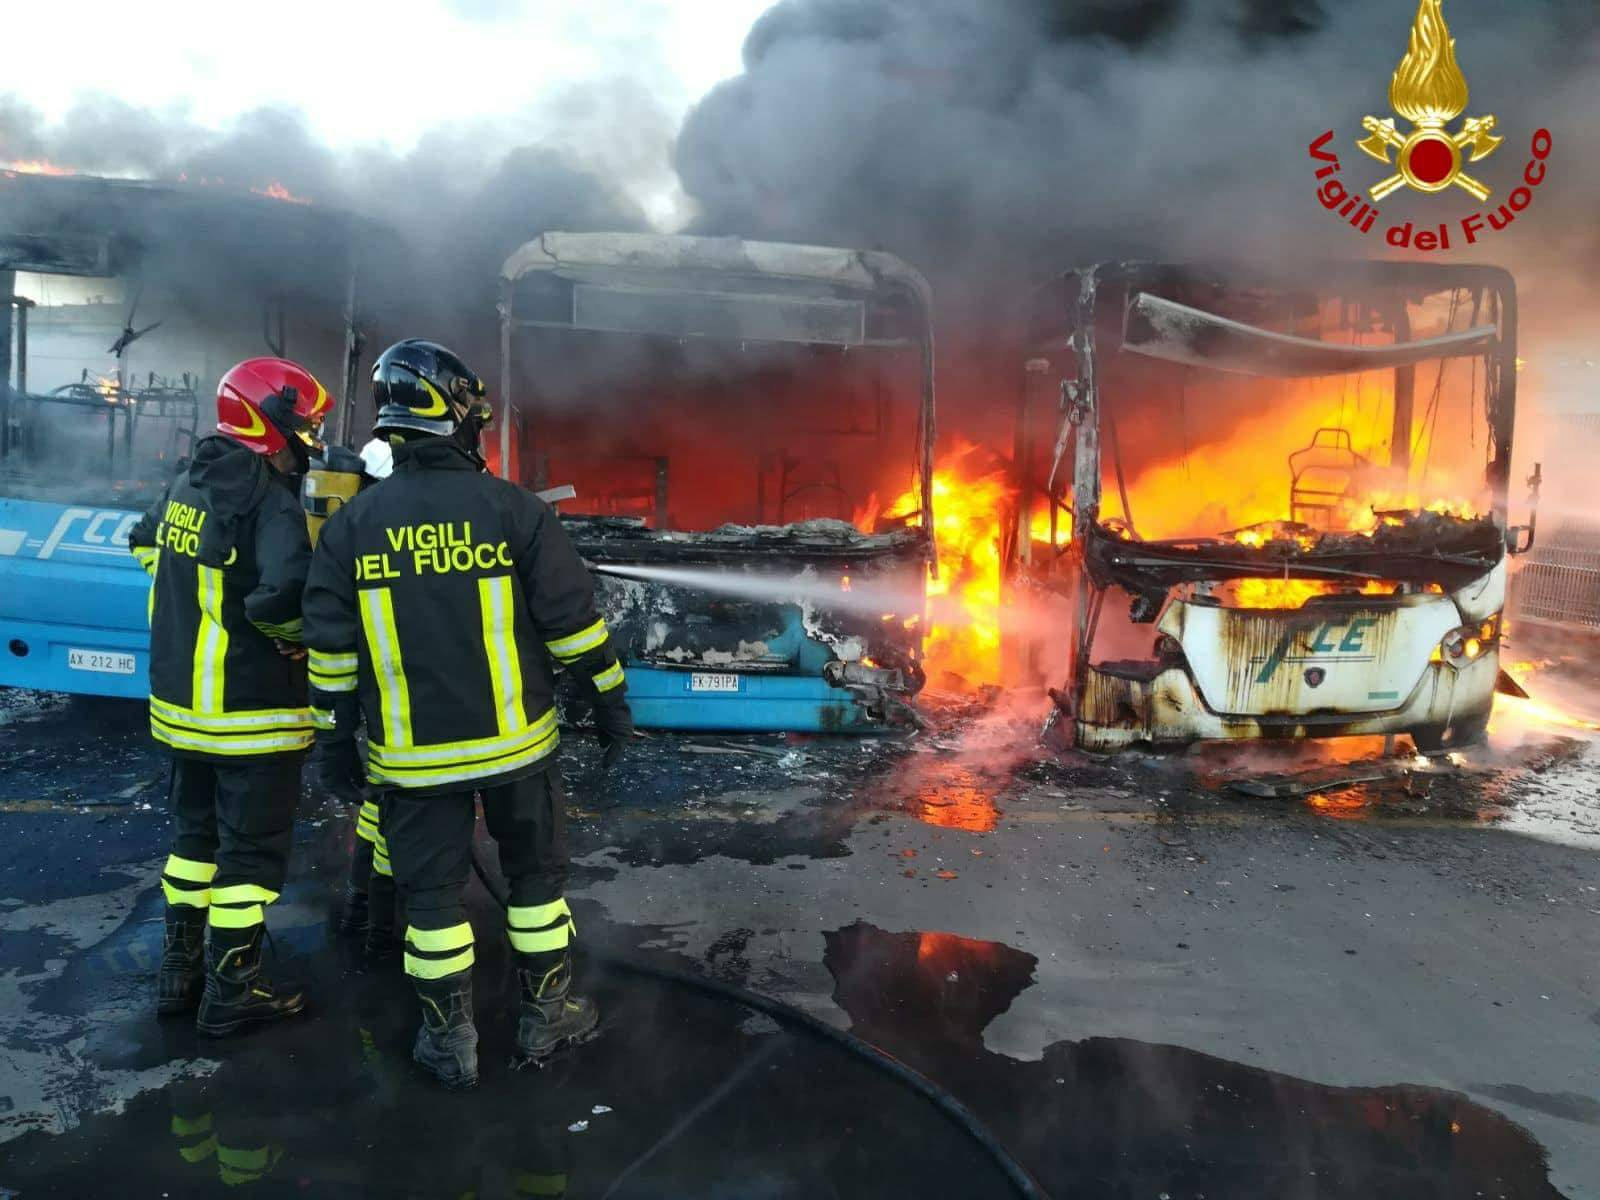 Incendio alla stazione di Paternò: in fiamme tre autobus